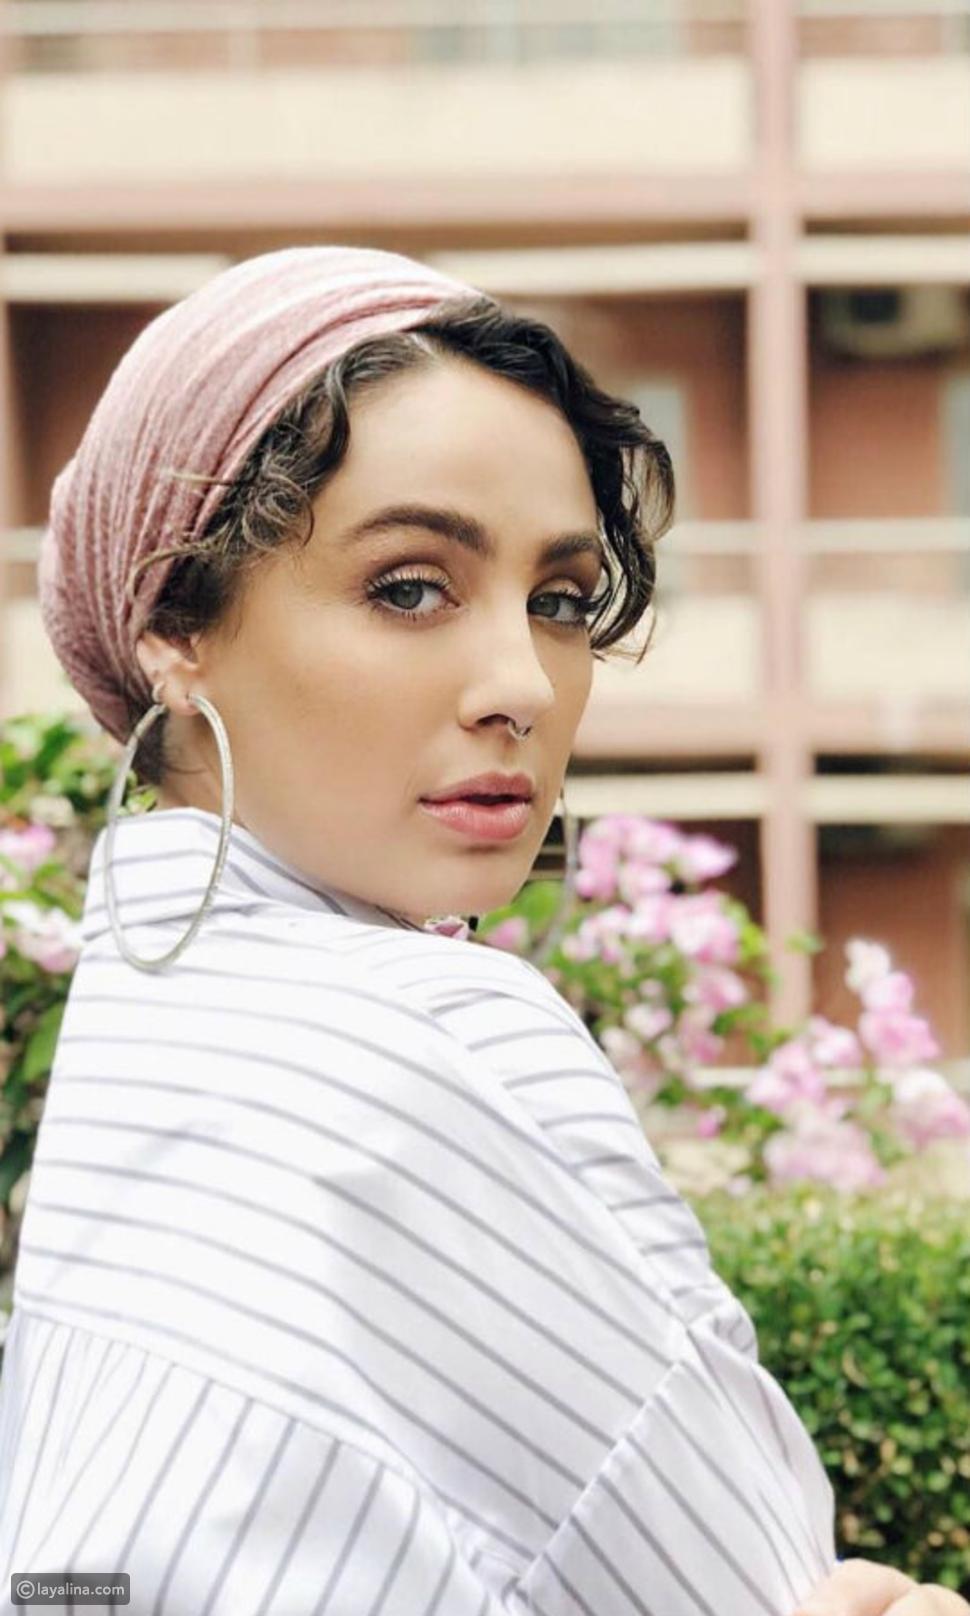 بعد خلع الحجاب مدونة الموضة آسيا عاكف بإطلالة جريئة مع زوجها